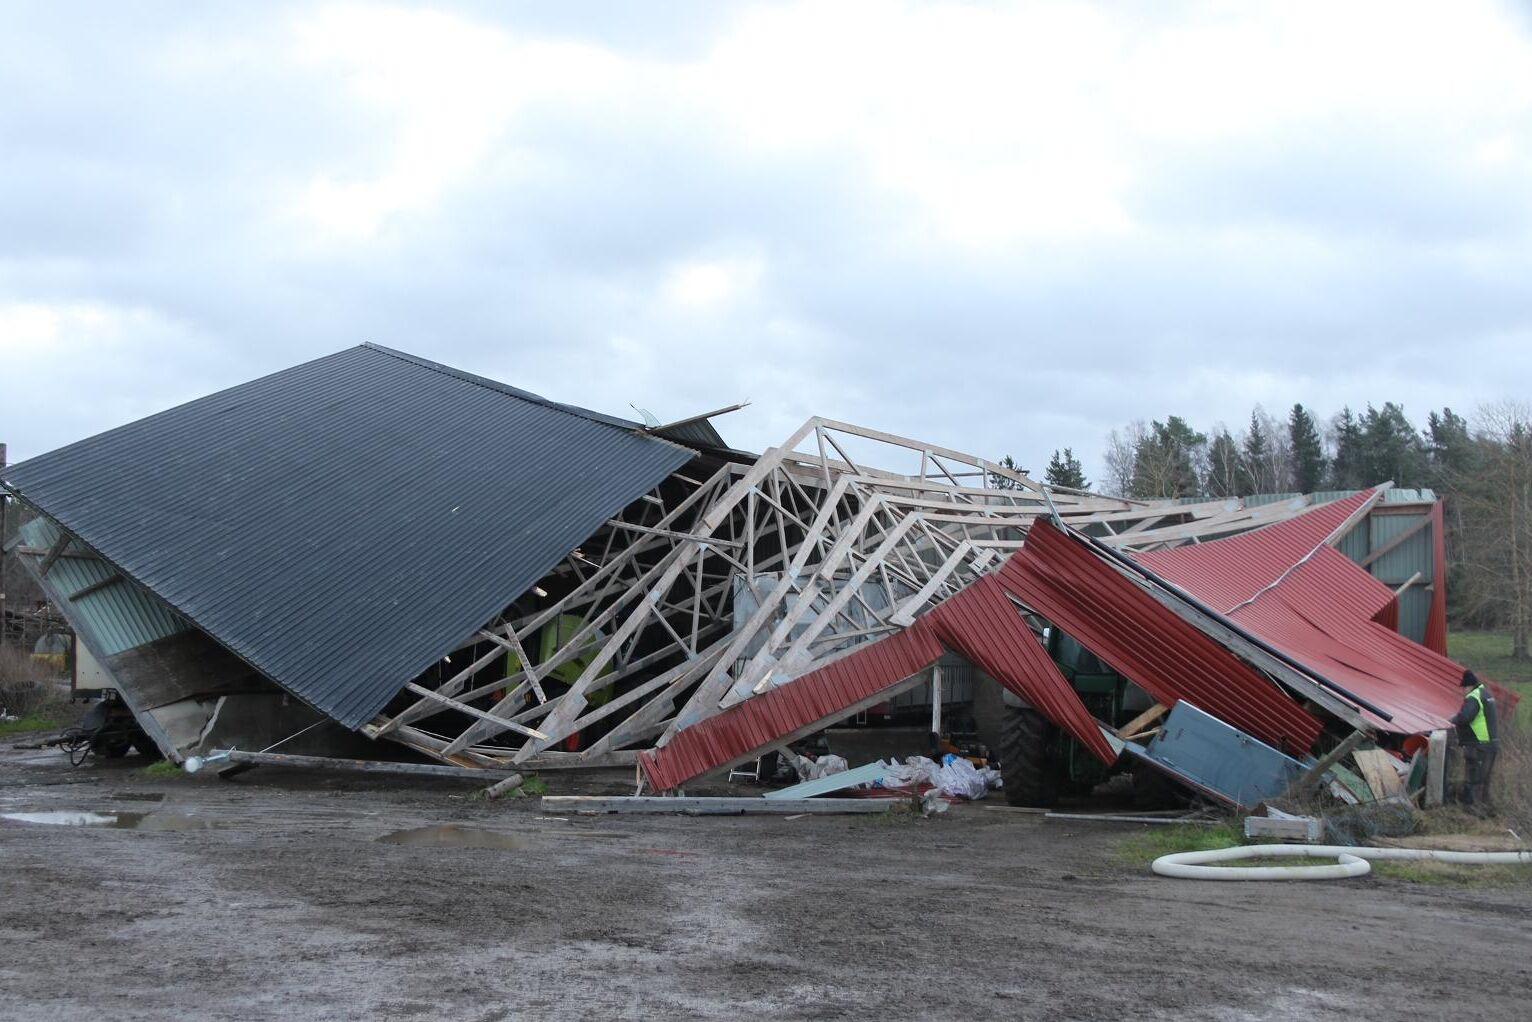 Maskinhallen som stått pall för stormar i 25 år rasade ihop som ett korthus på grund av de hårda vindarna i går morse.